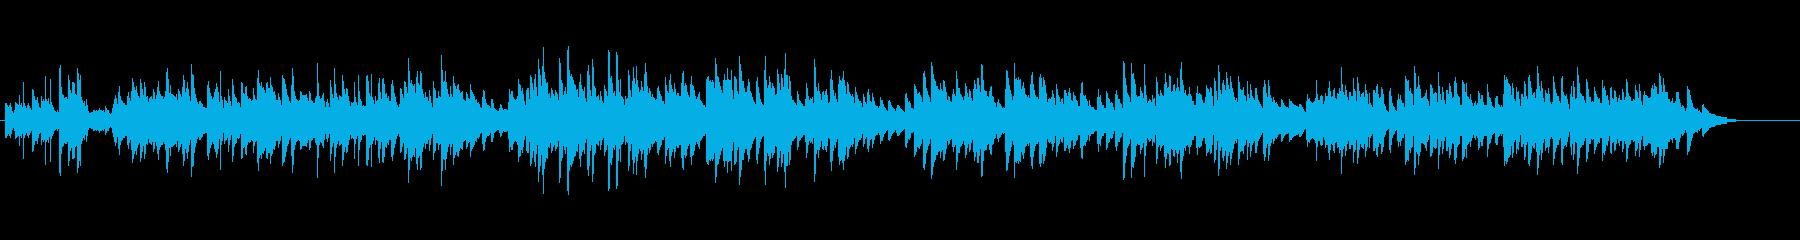 20世紀初頭のアメリカのピアノワルツ曲の再生済みの波形